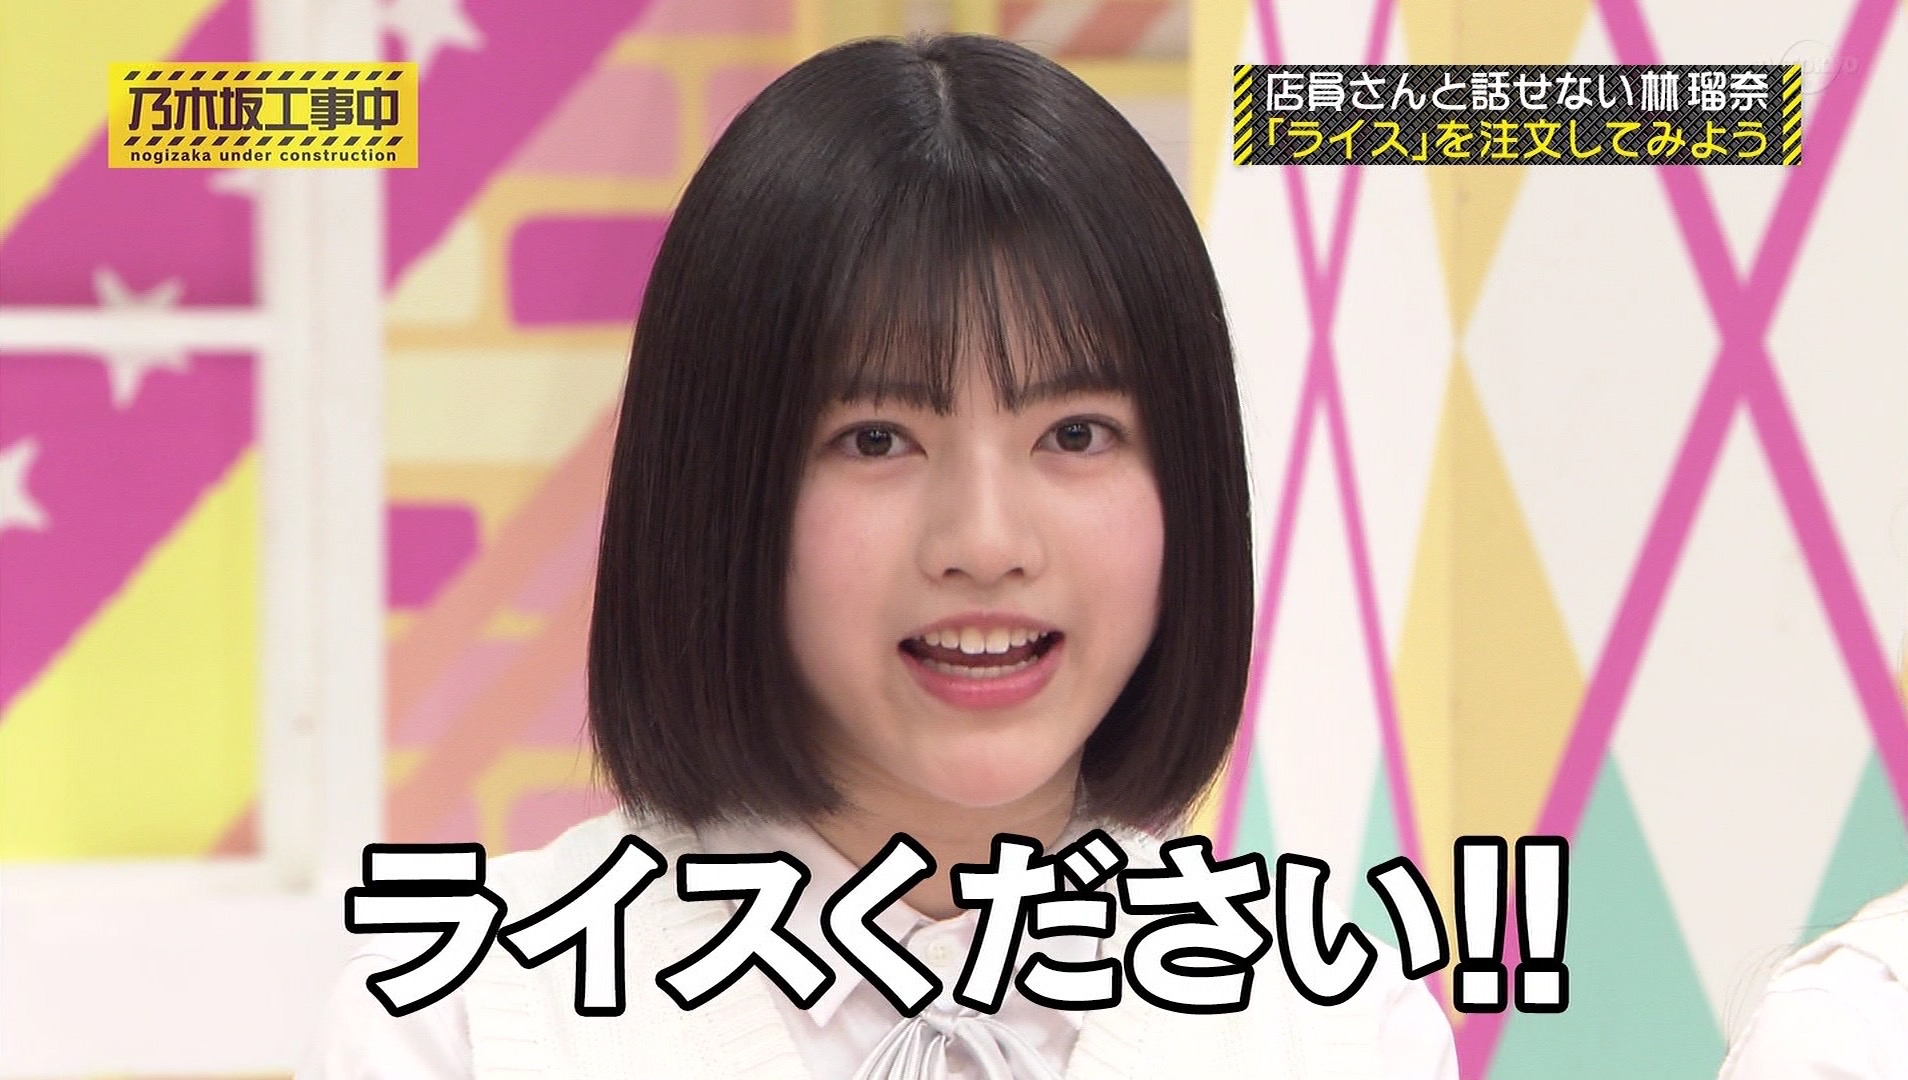 乃木坂工事中 林瑠奈「ライスください!!」